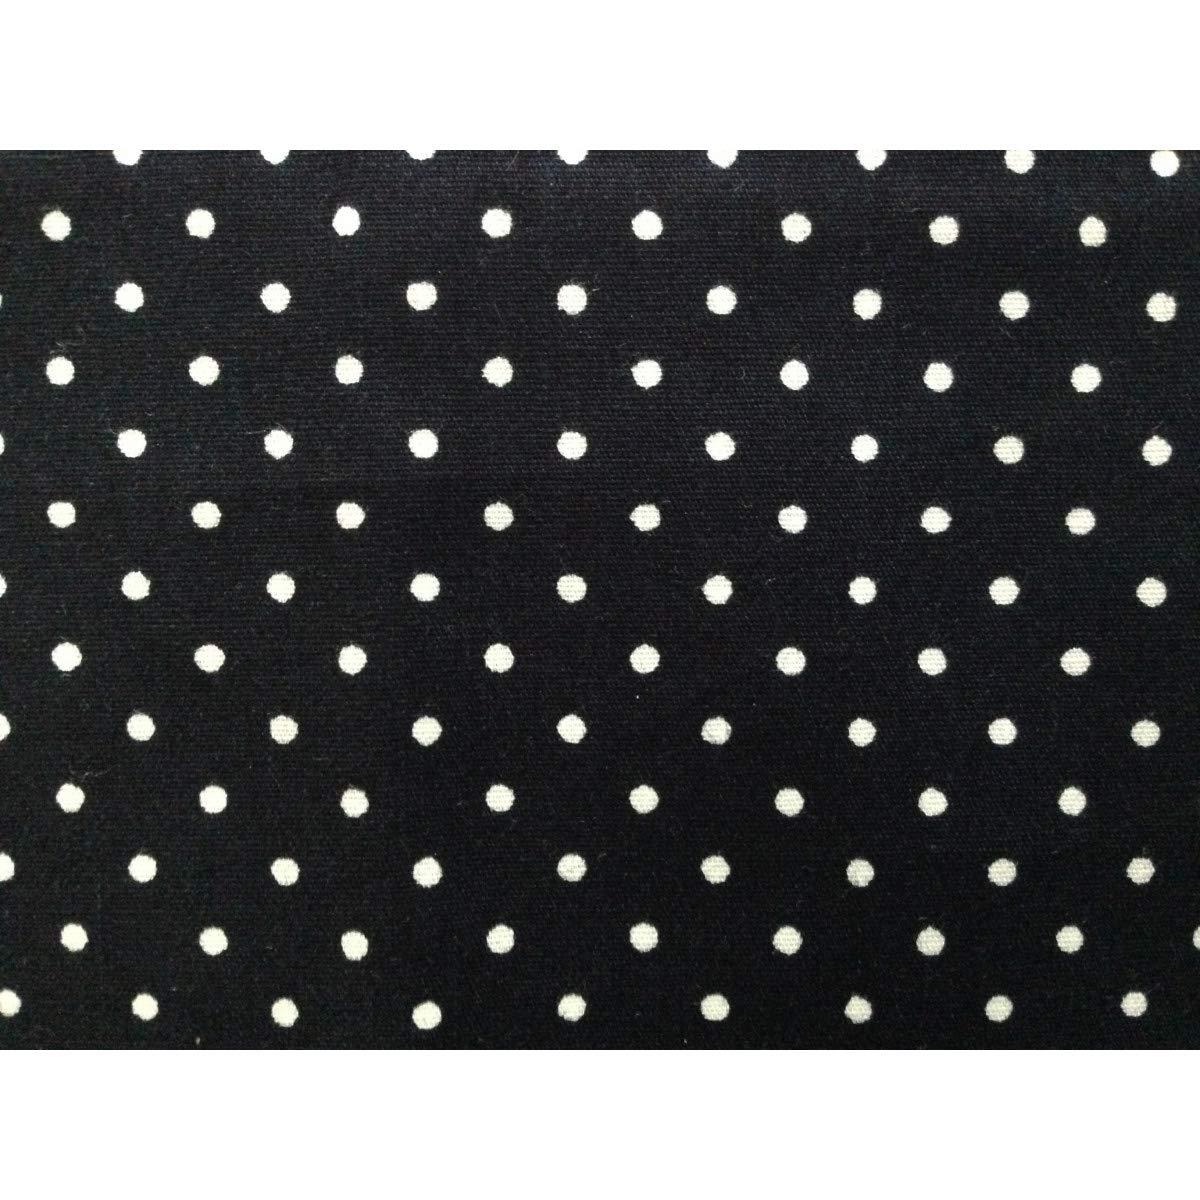 Ein Gepunktetes Stofftaschentuch schwarz wei/ß Herren Damen Punkte schwarzes Taschentuch Einstecktuch Unique Boutique